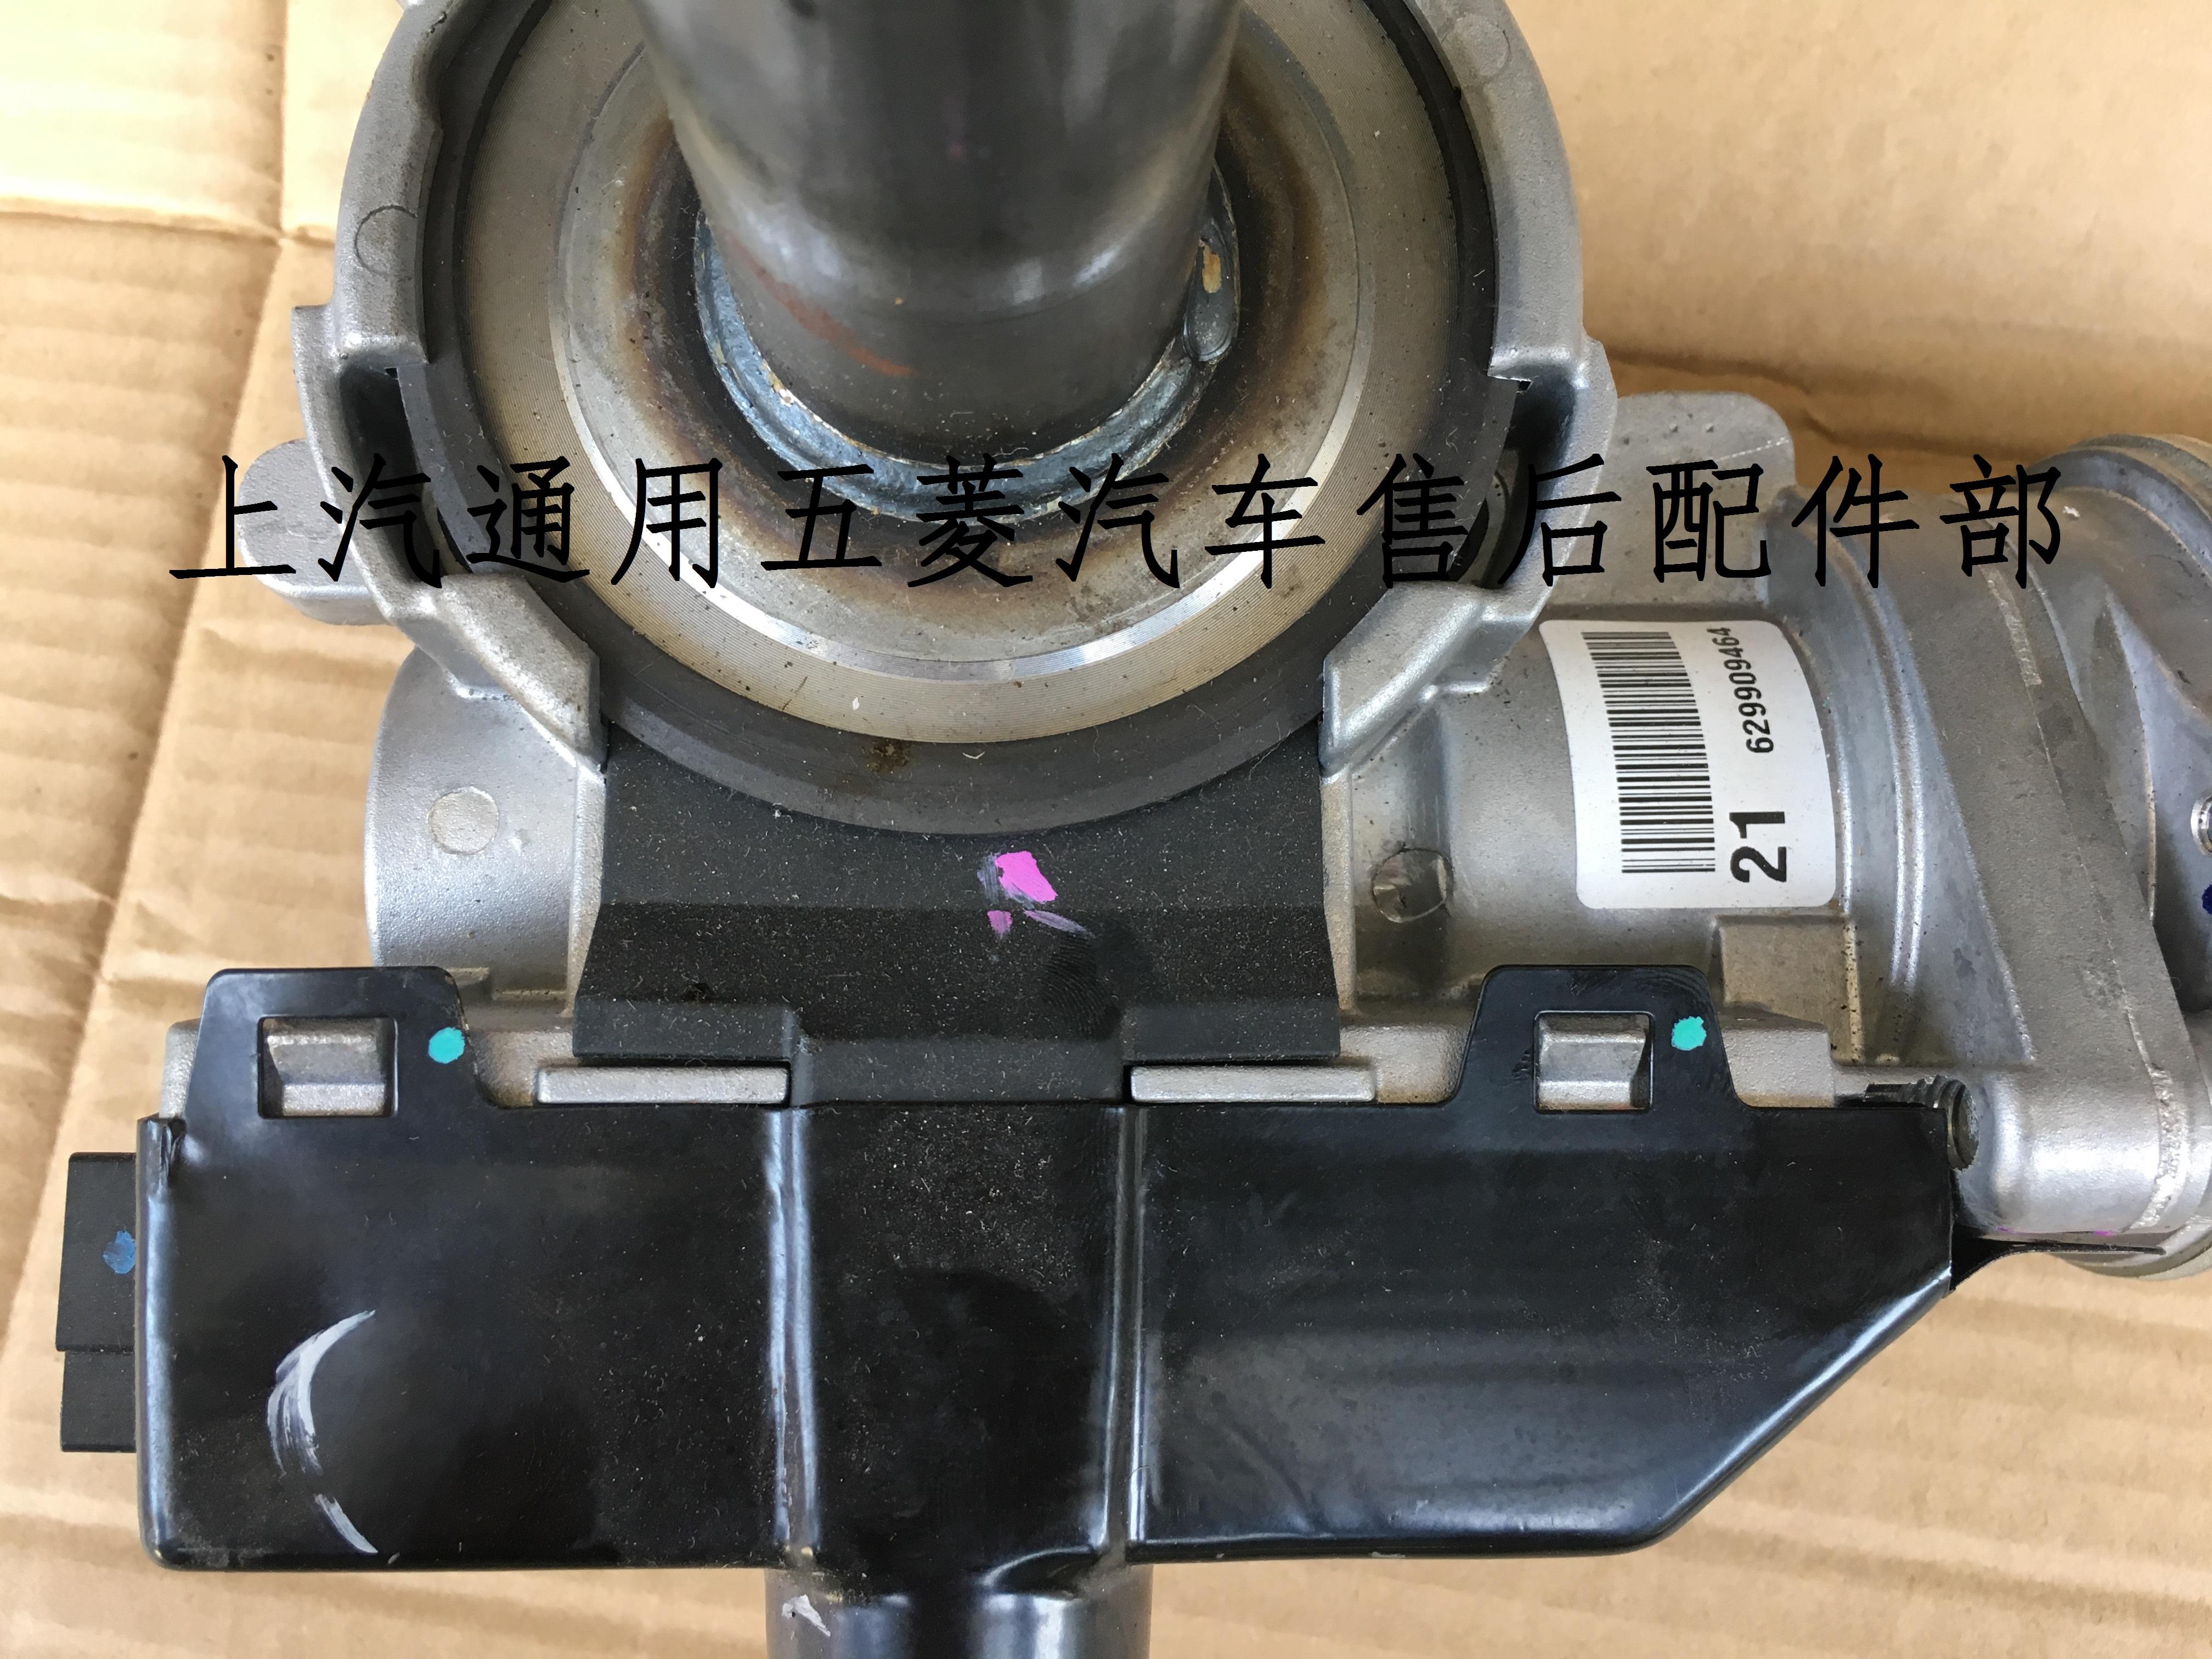 chun jung booster wuling w kierunku serii elektronicznych na remont do remontu elektryczne wspomaganie kierownicy.